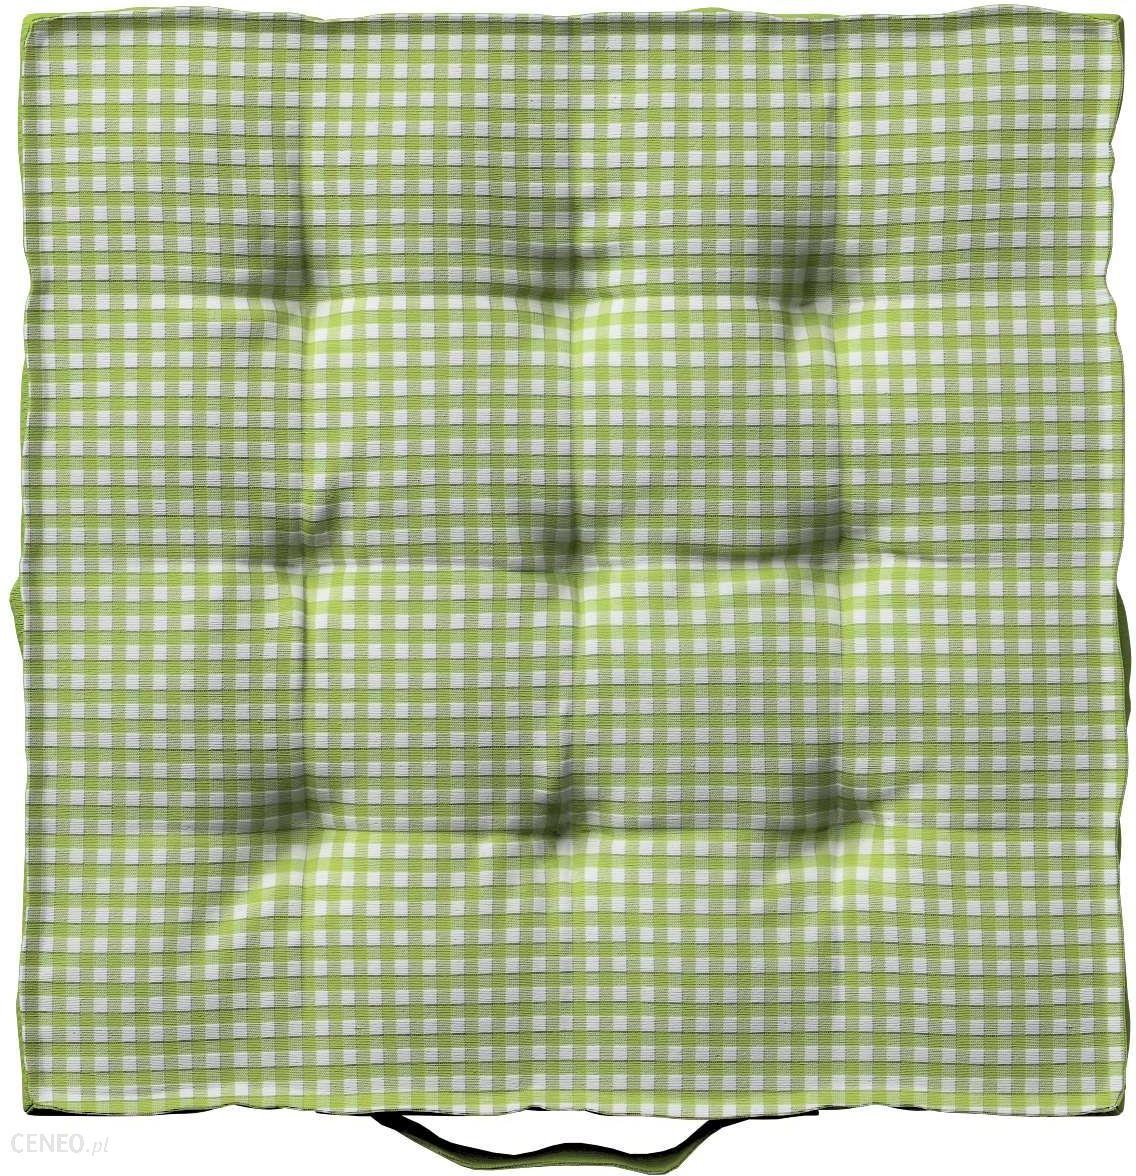 Dekoria Siedzisko Kuba Na Krzesło Quadro Zielono Biała Krateczka 40x40x6 Cm Opinie I Atrakcyjne Ceny Na Ceneopl